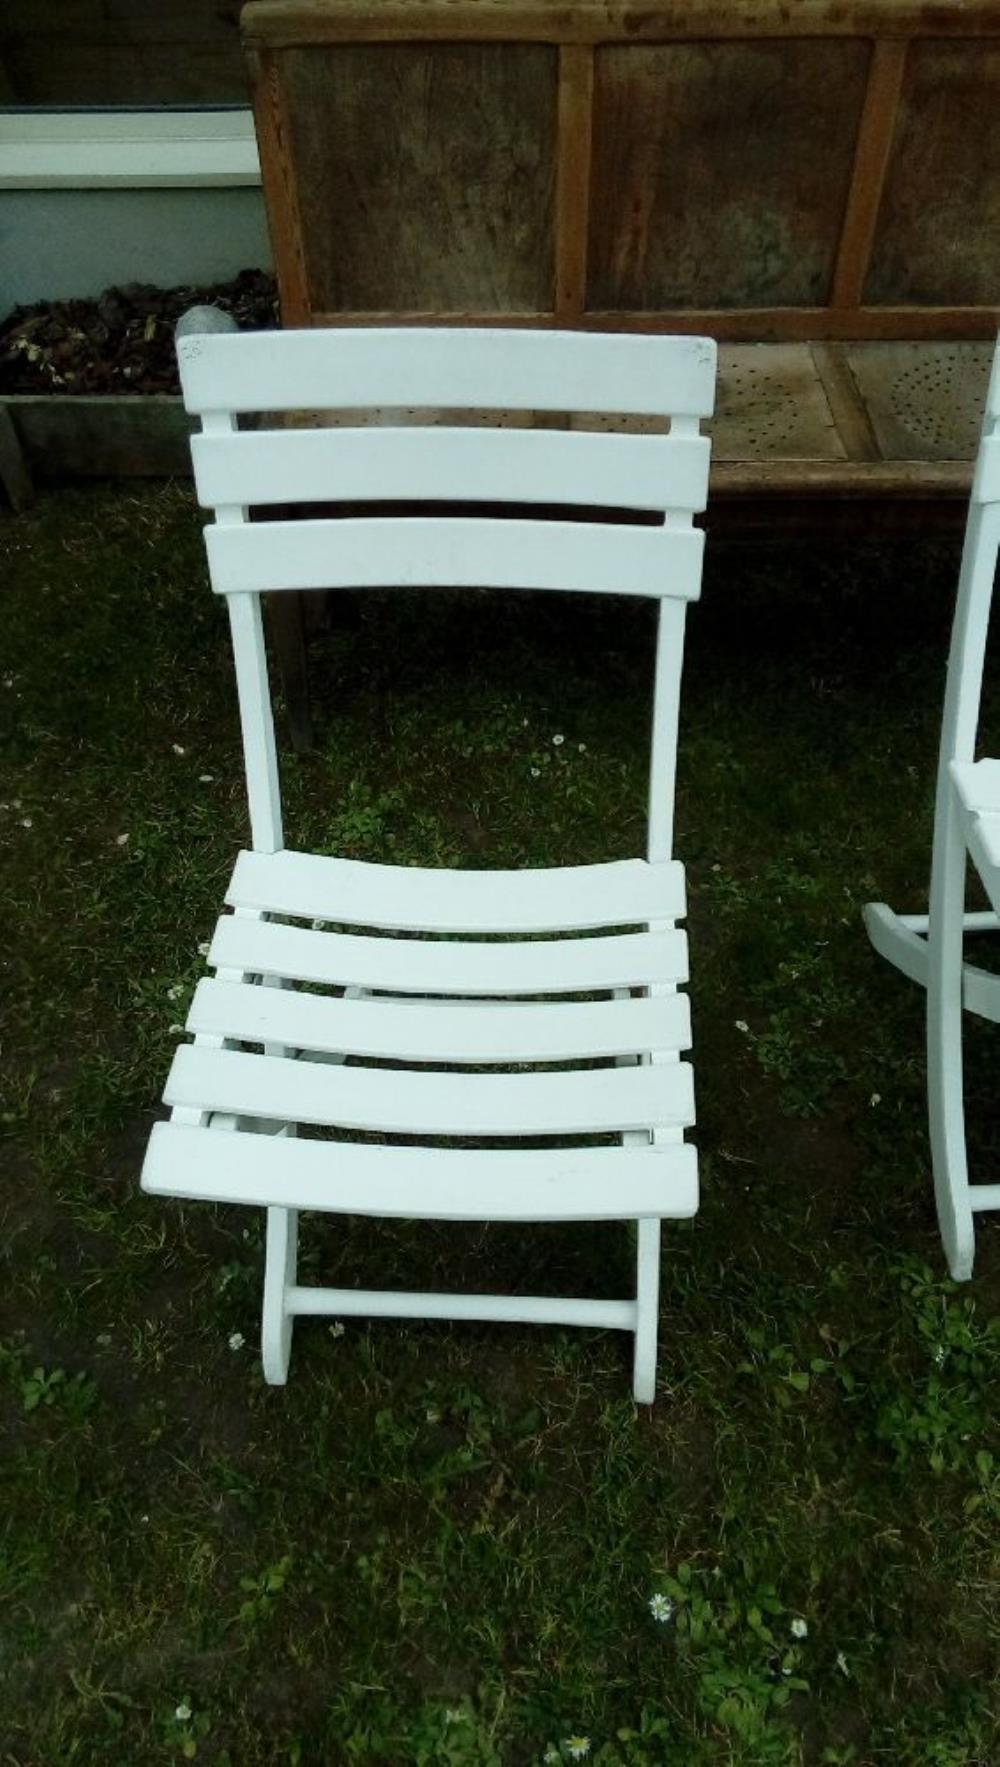 Chaise Résine Occasion Triconfort De Blanc Jardin Troc Ybf7gy6